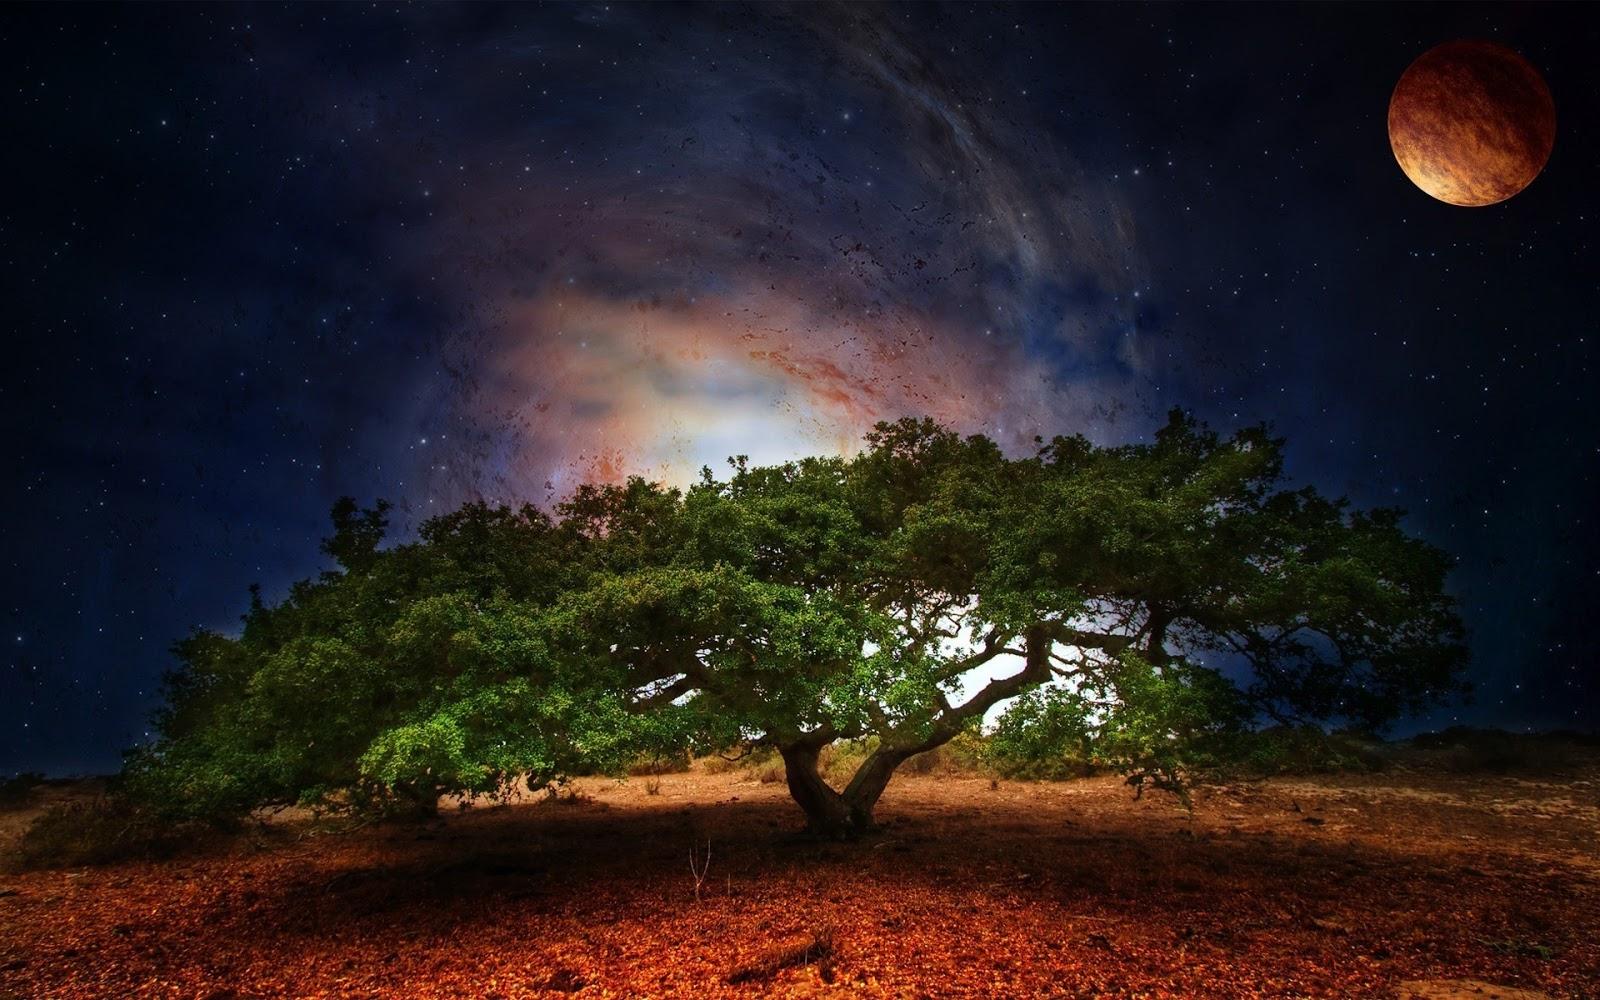 Motto: země je zázrak. život zůstává tajemstvím. ve velkém